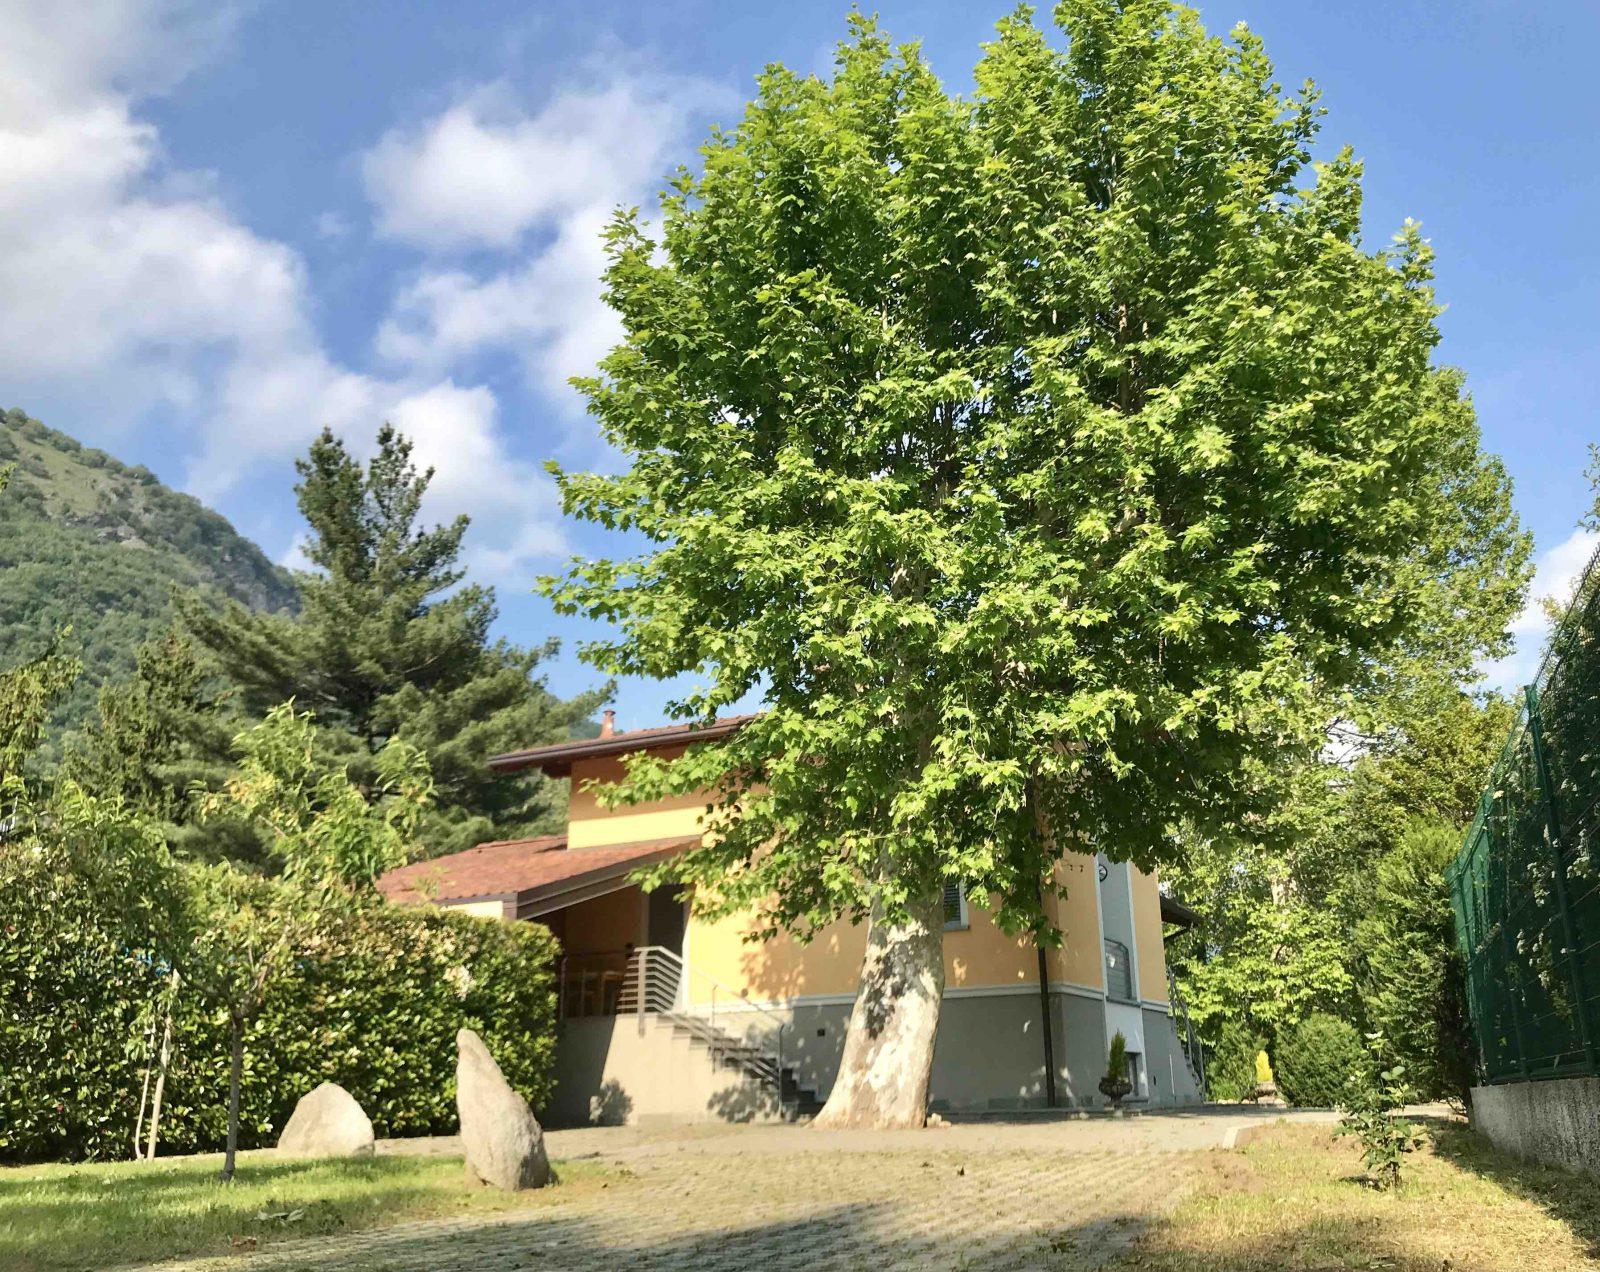 Nuova villa singola con giardino in vendita a Cernobbio